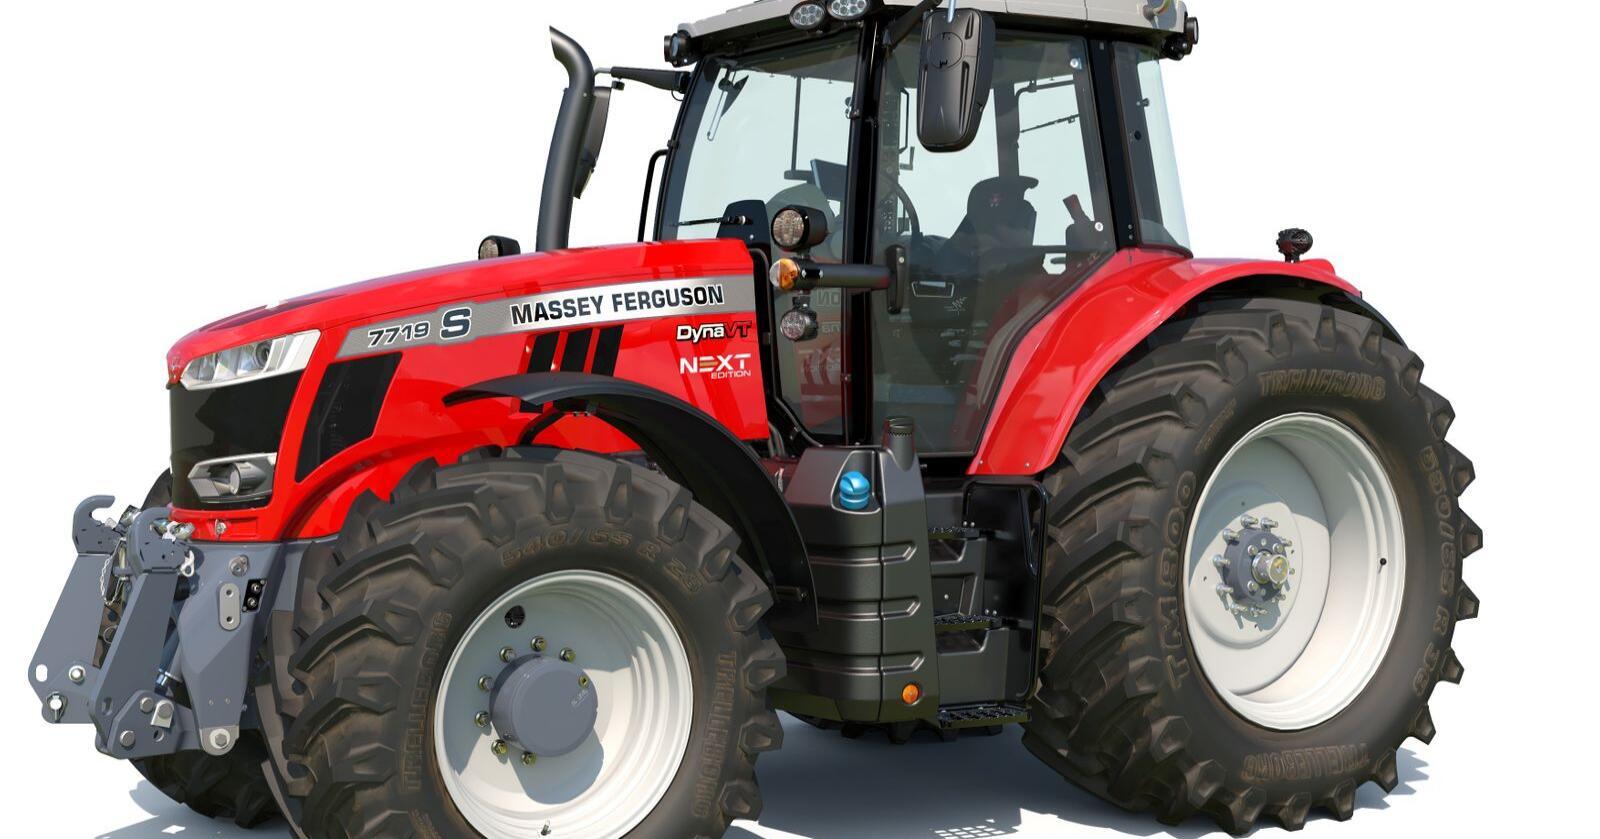 Massey Ferguson MF 7719 S, next edition i tradisjonell MF-rødfarge